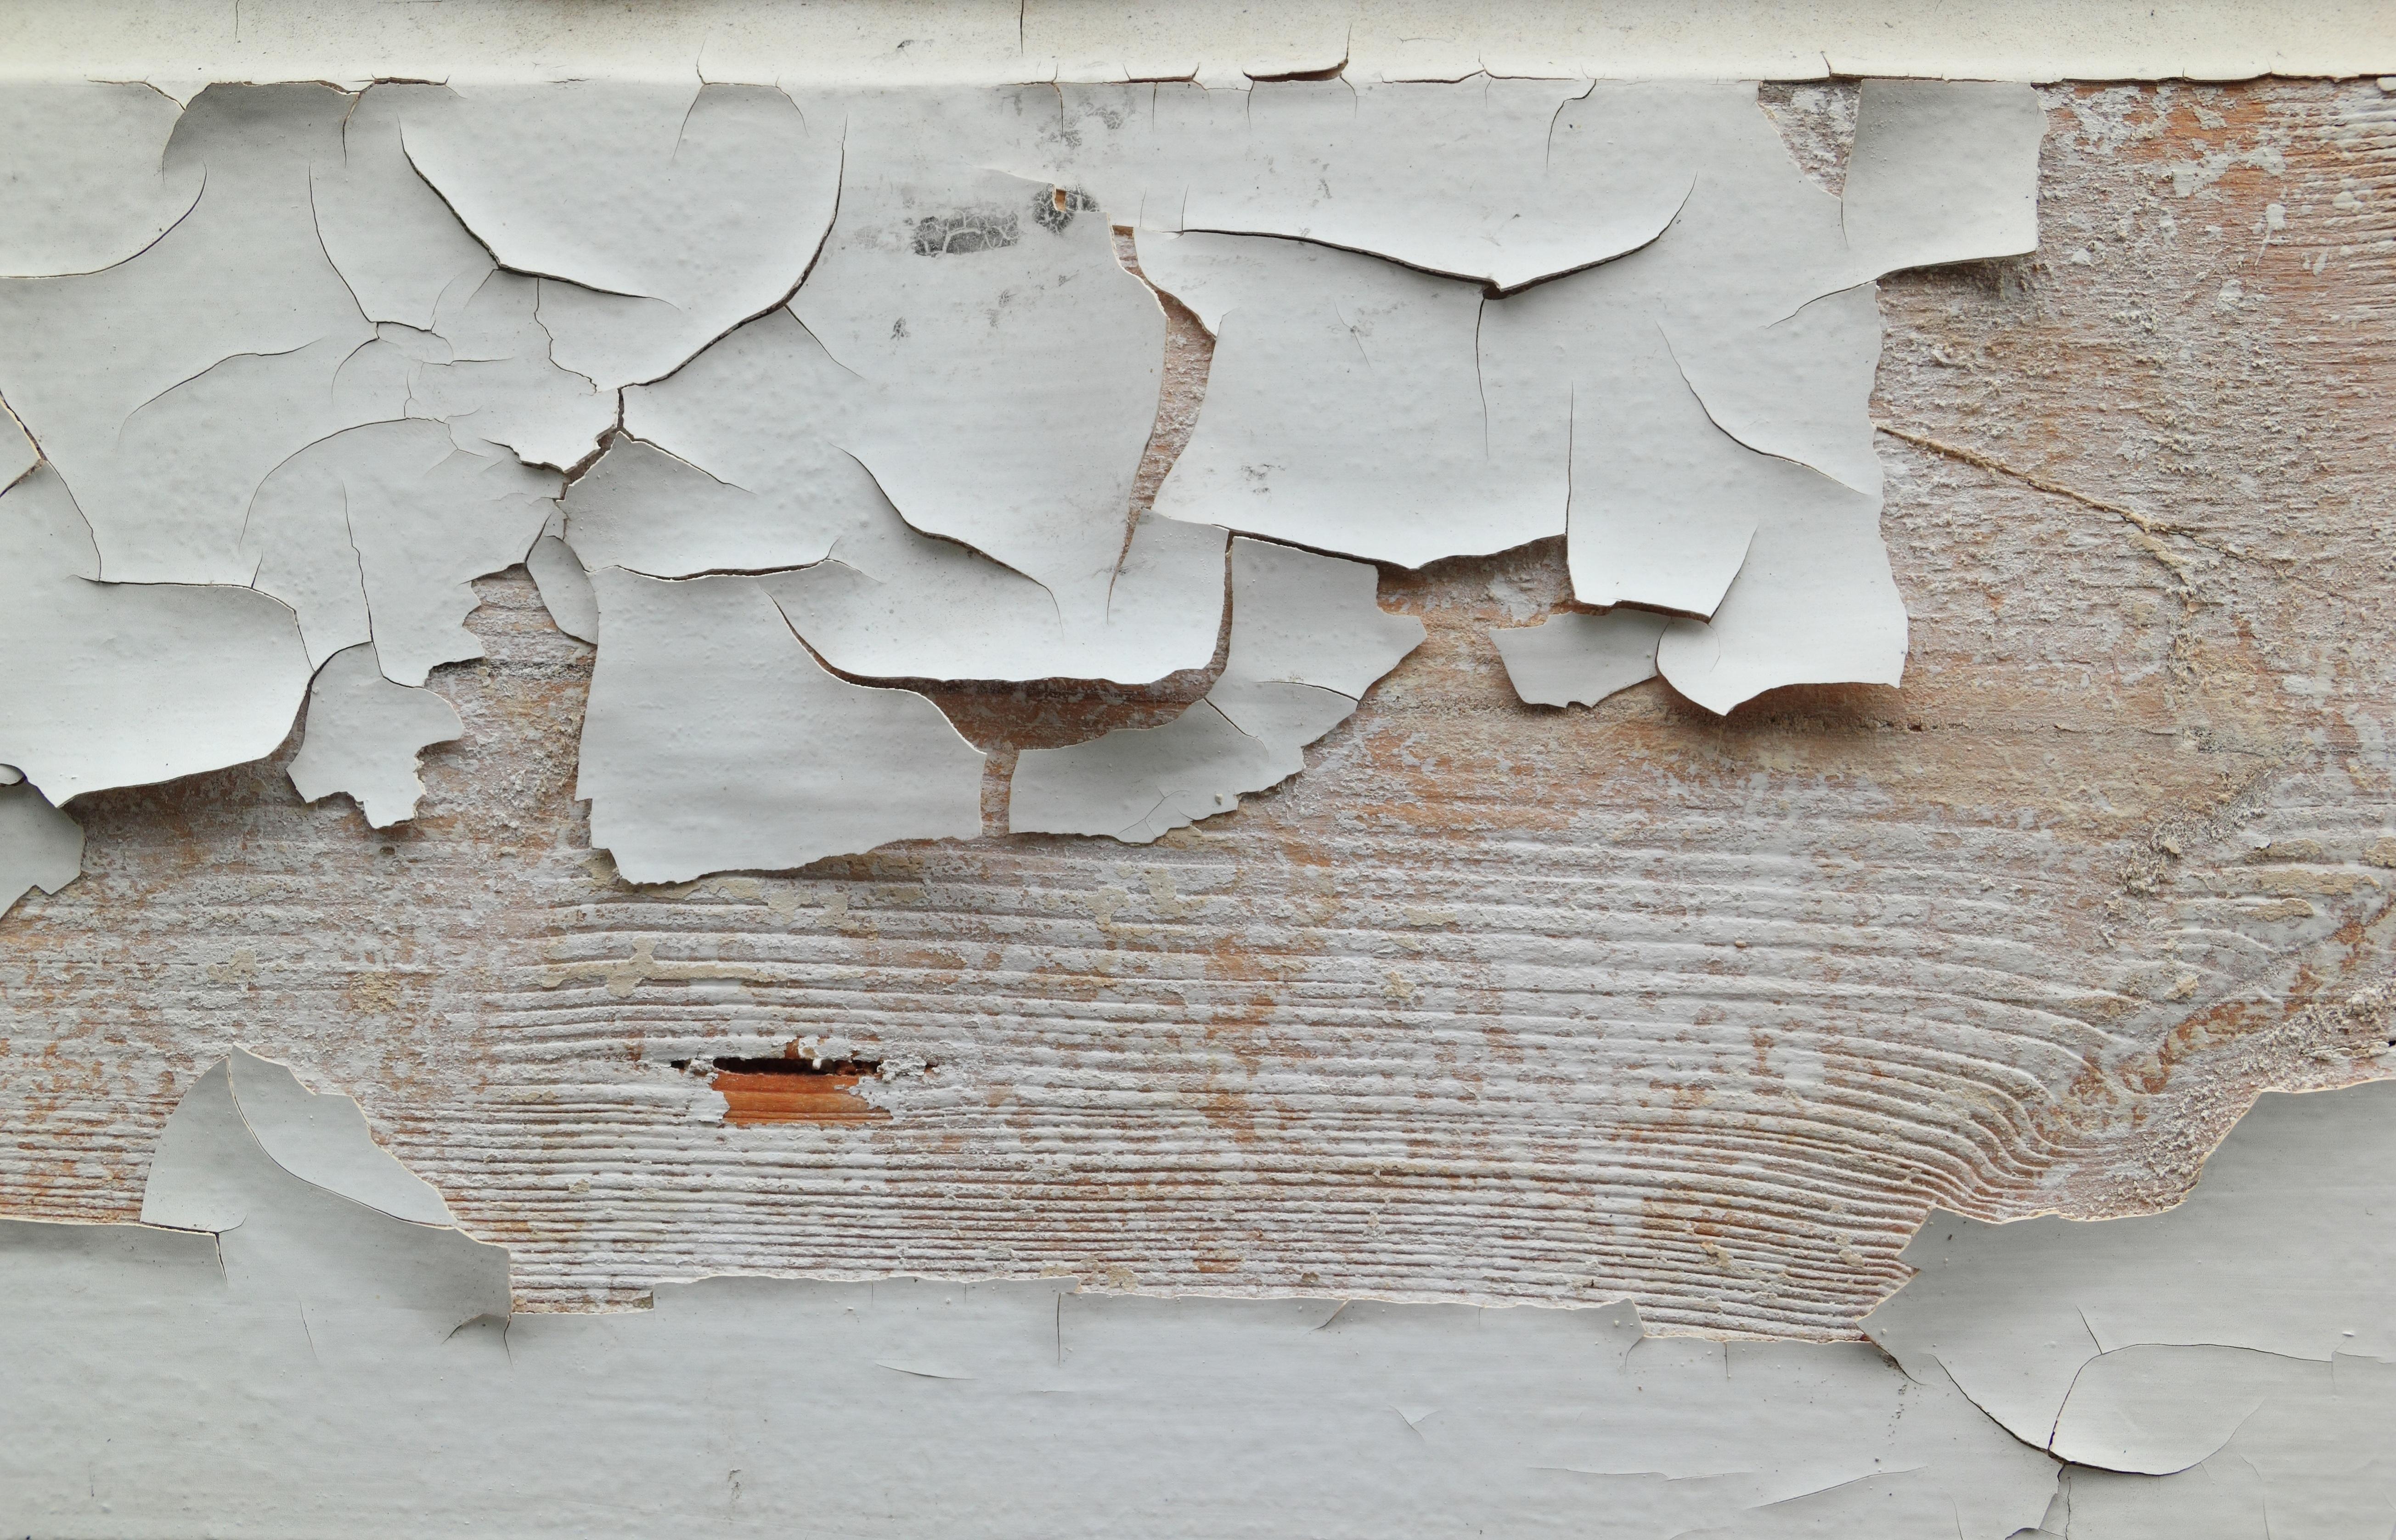 Kostenlose foto : Flügel, Holz, Weiß, Textur, Blatt, Stock, Fenster ...